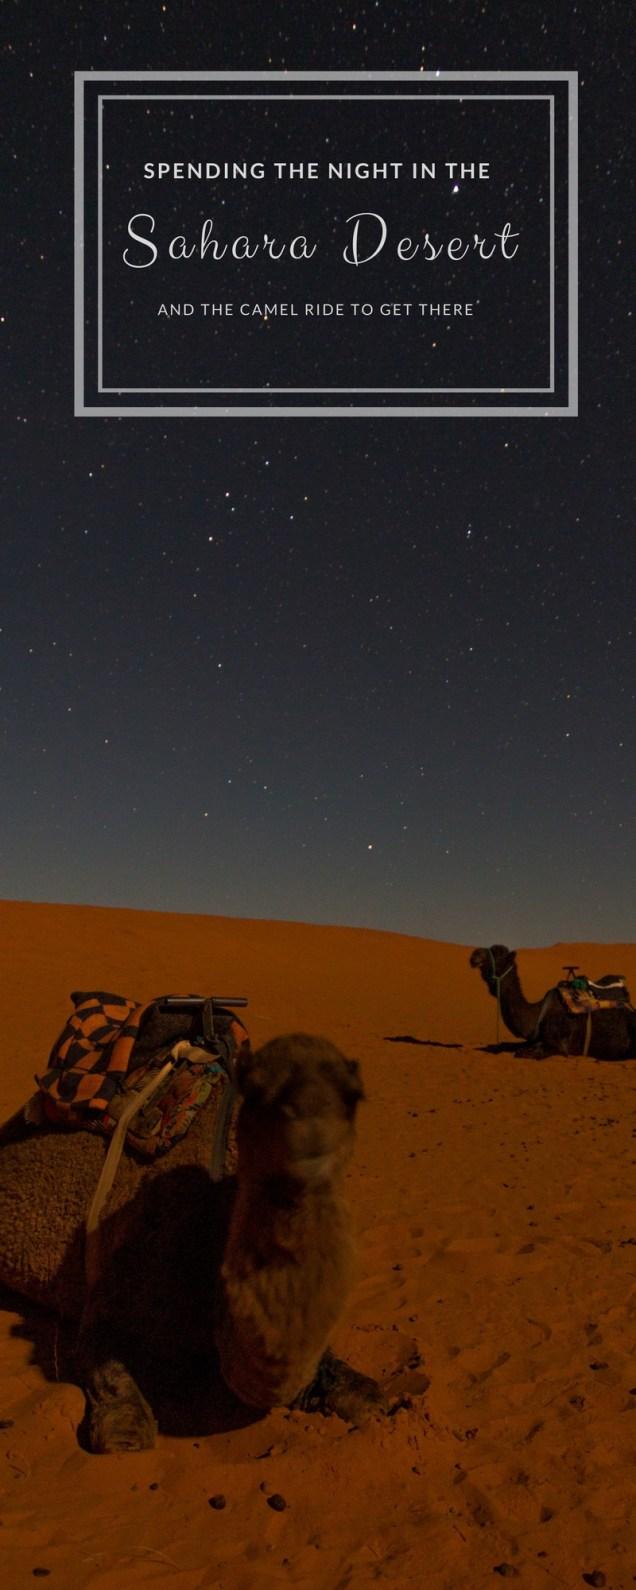 camel trek, camels in the desert, Sahara Desert, Merzouga, arboursabroad